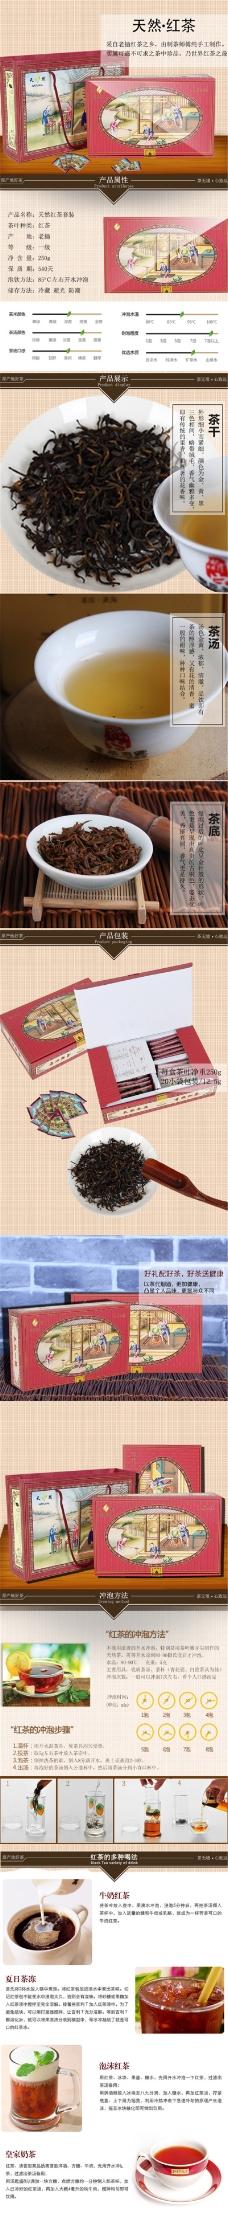 天然 红茶 茶详情页PSD免费下载